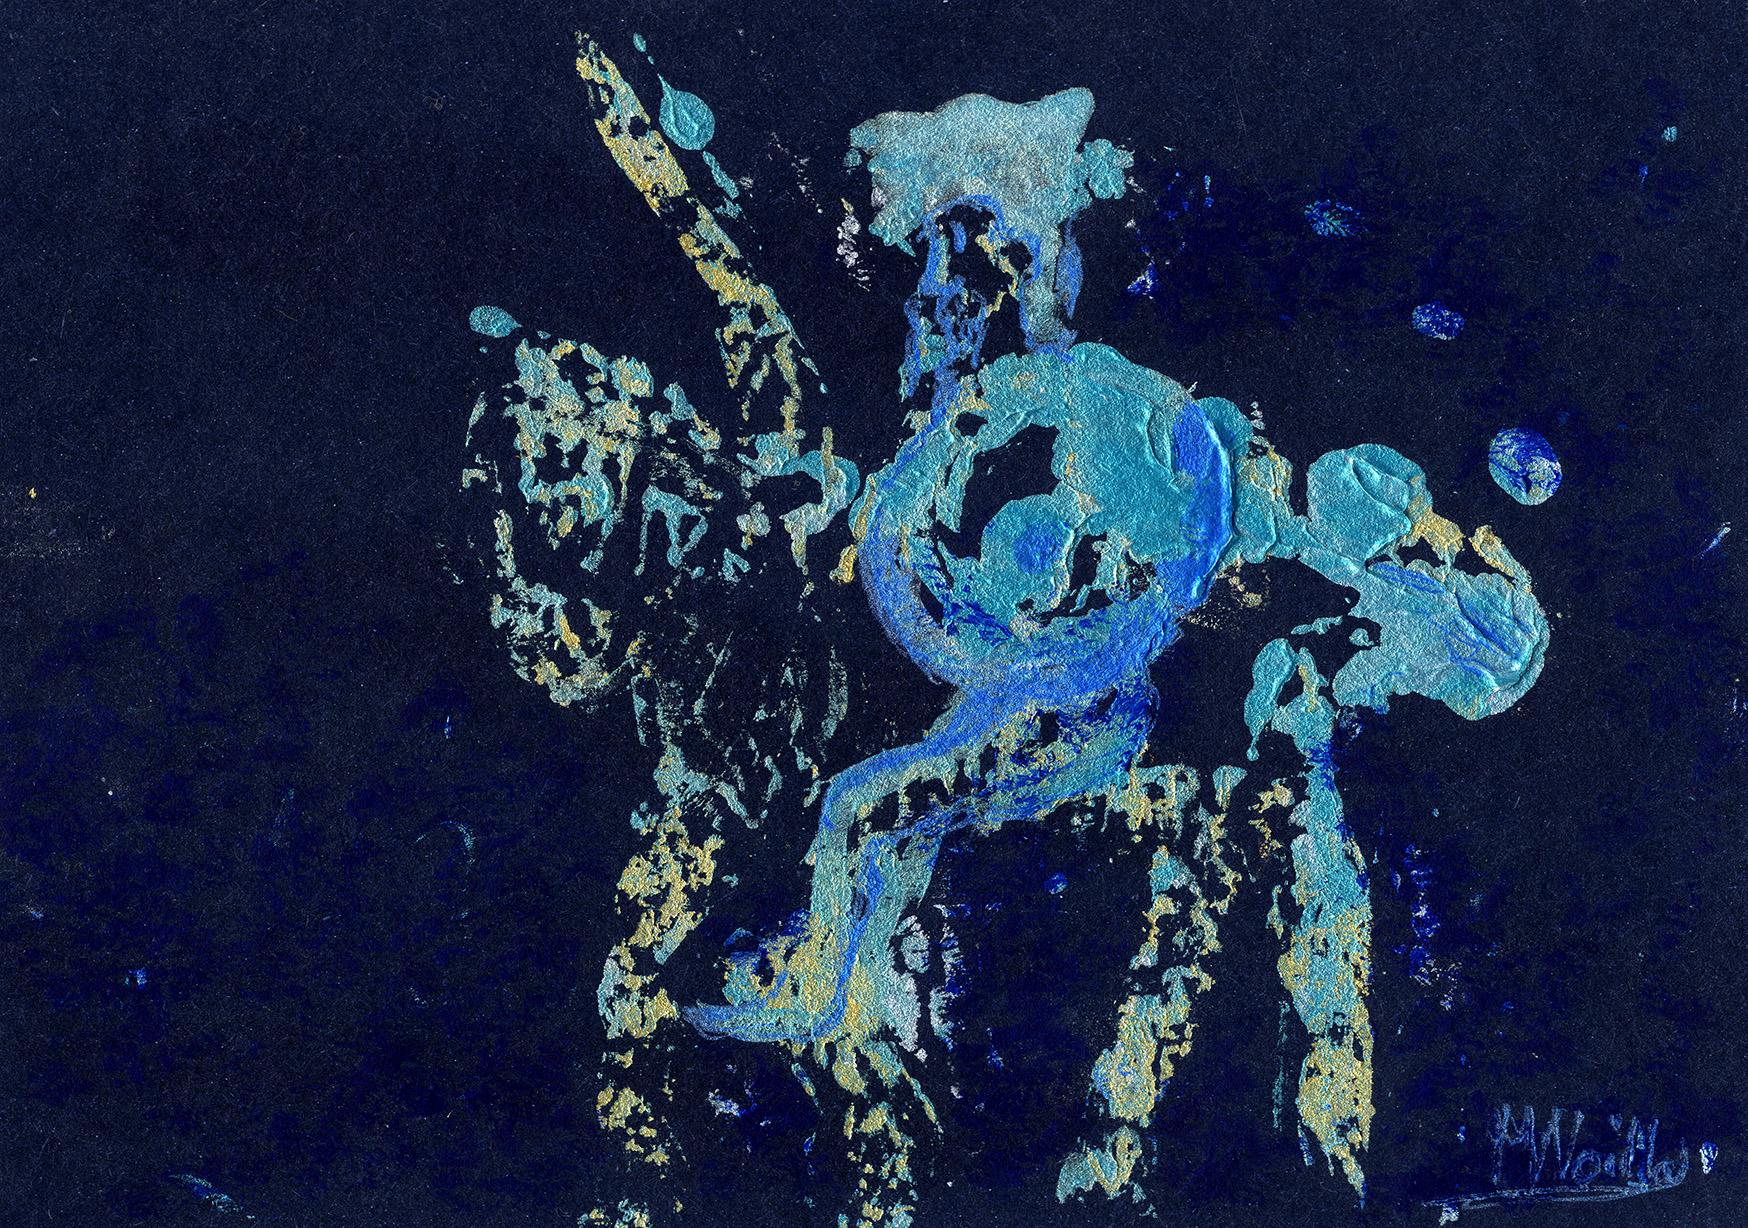 L'ingénieux idalgo Don Quichotte 8